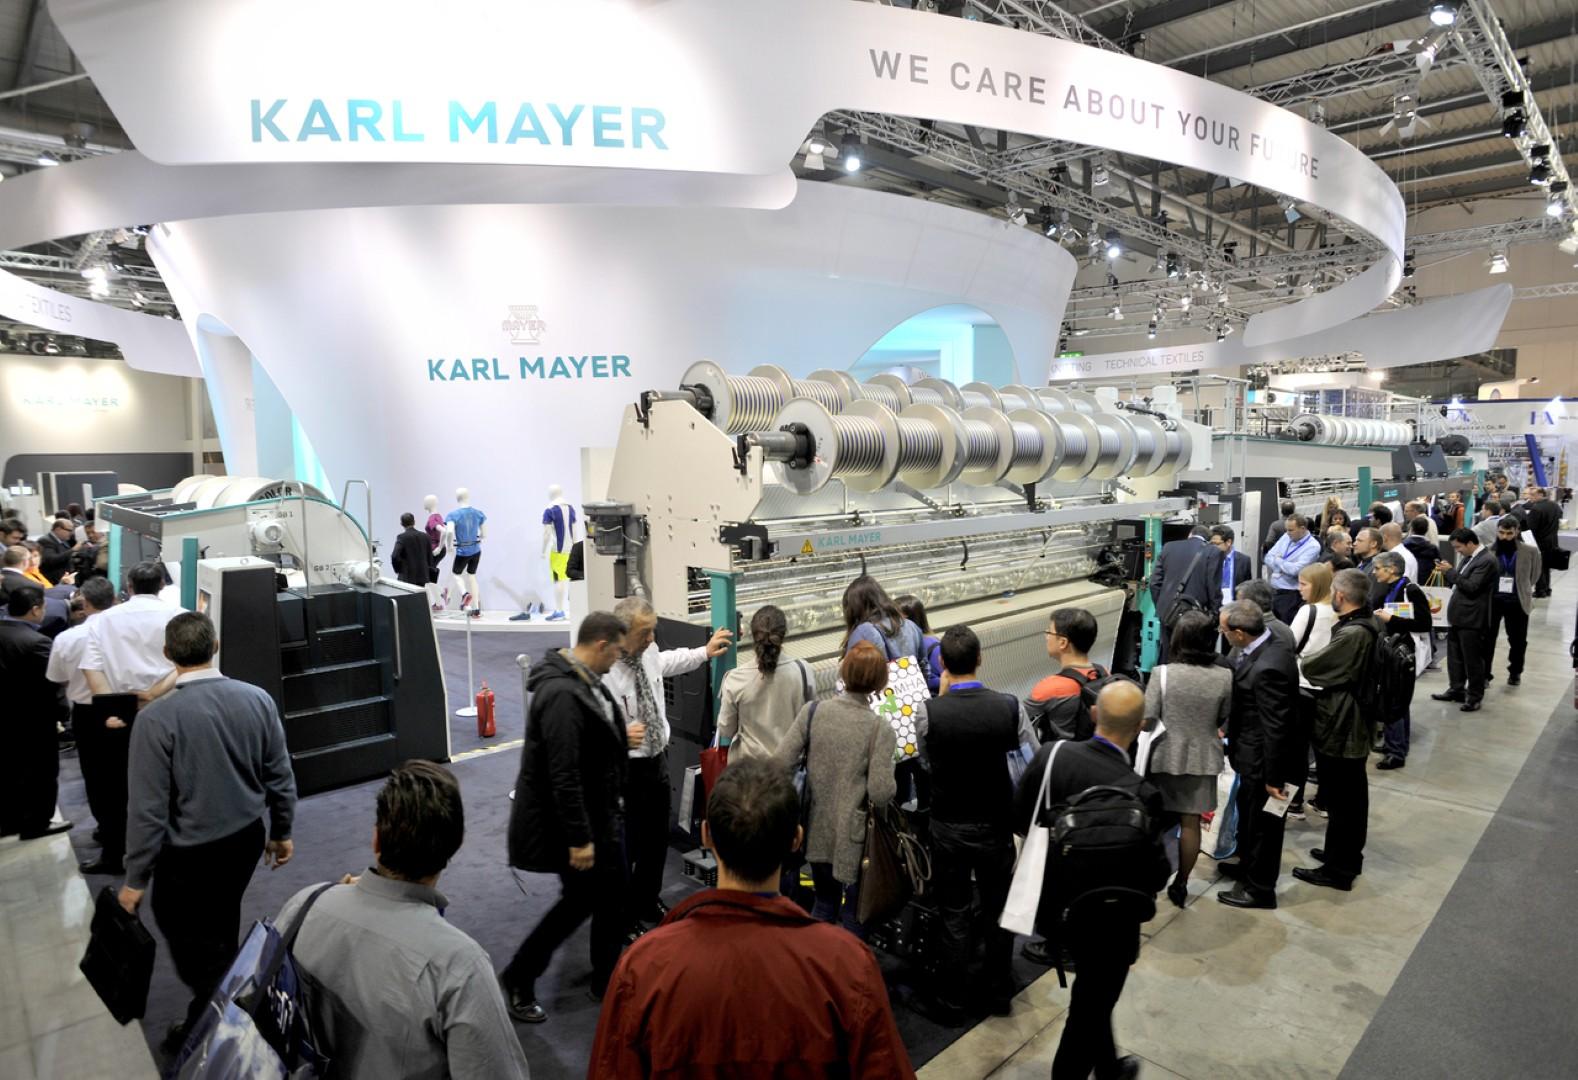 Karl Mayer ITMA 2015 Fuarı akılda kalıcı görüntüler